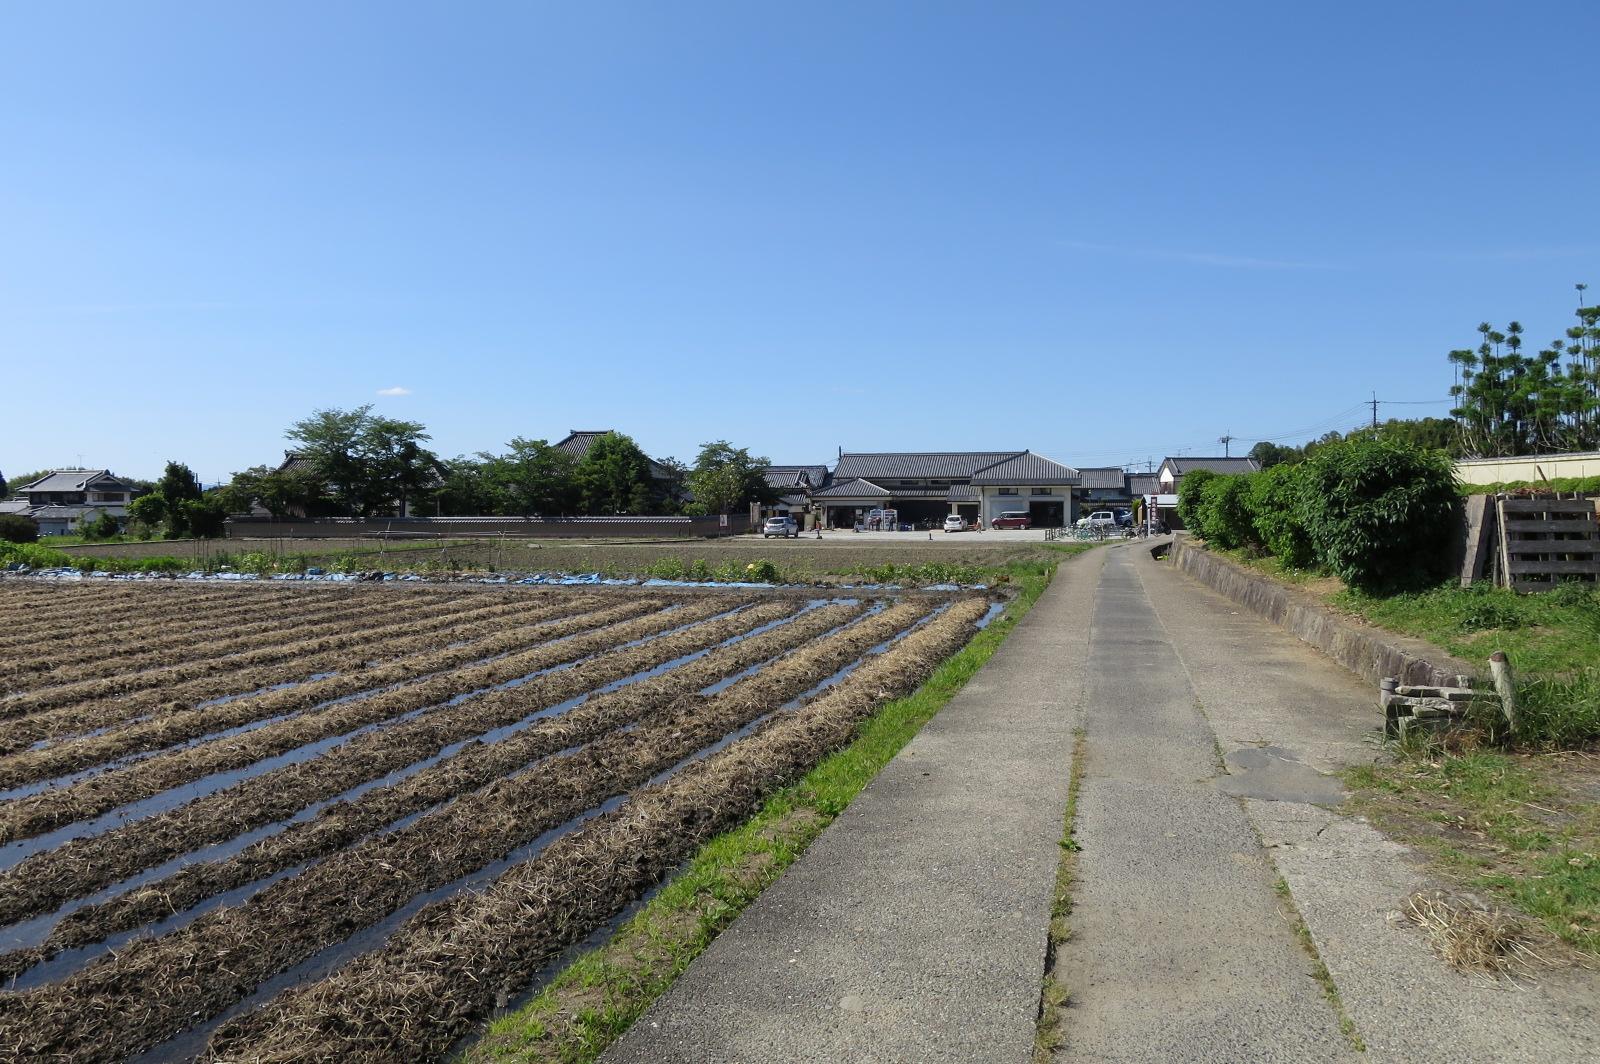 田んぼの中を歩いていると、飛鳥寺が見えてきます。